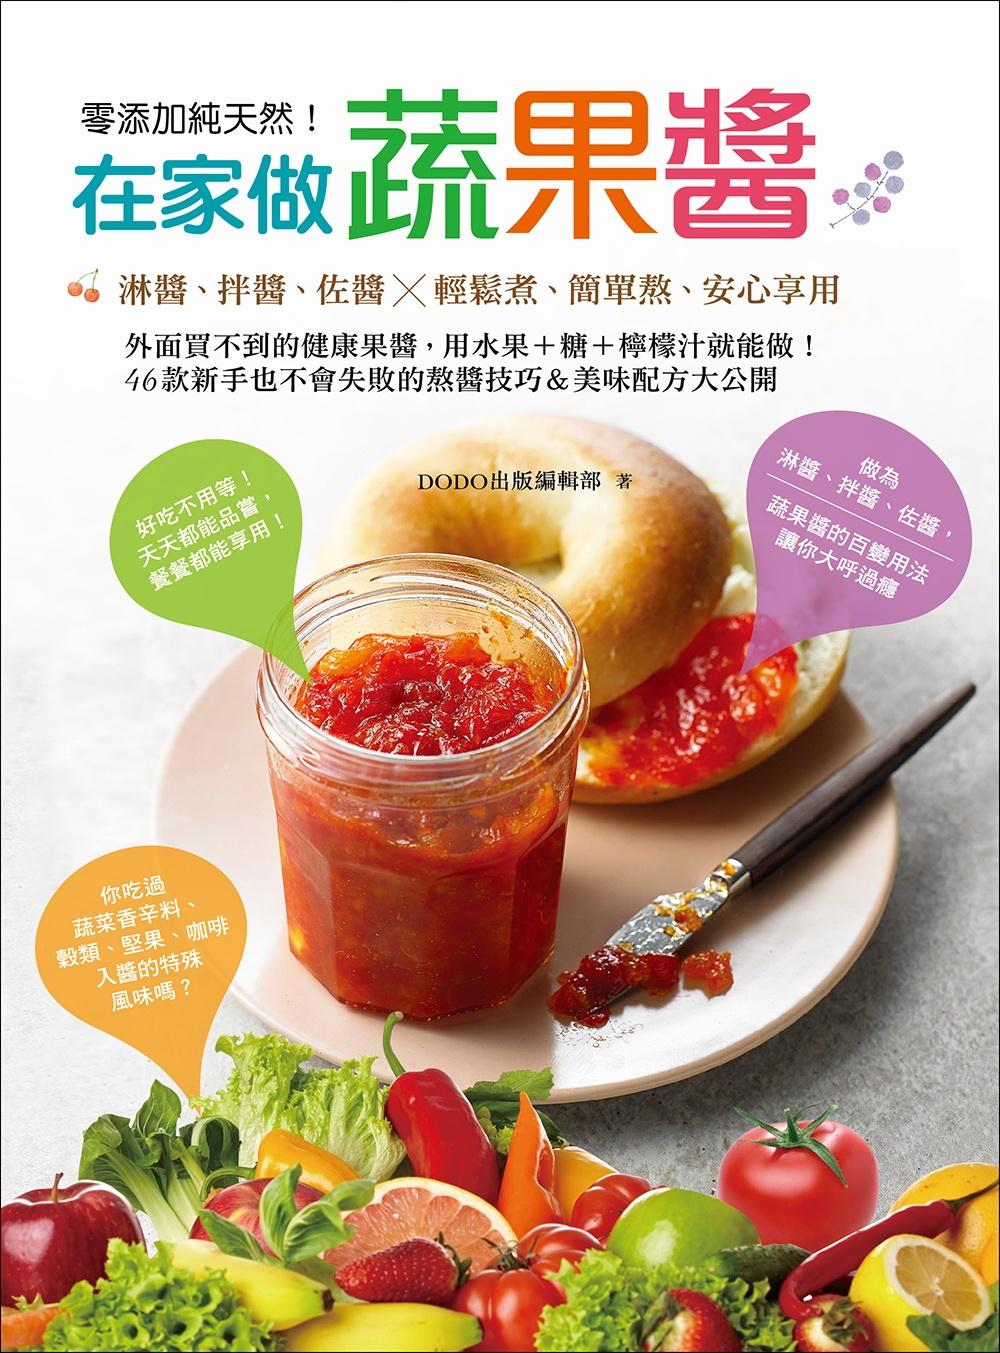 零添加純天然!在家做蔬果醬:淋醬、拌醬、佐醬,輕鬆煮、簡單熬、安心享用